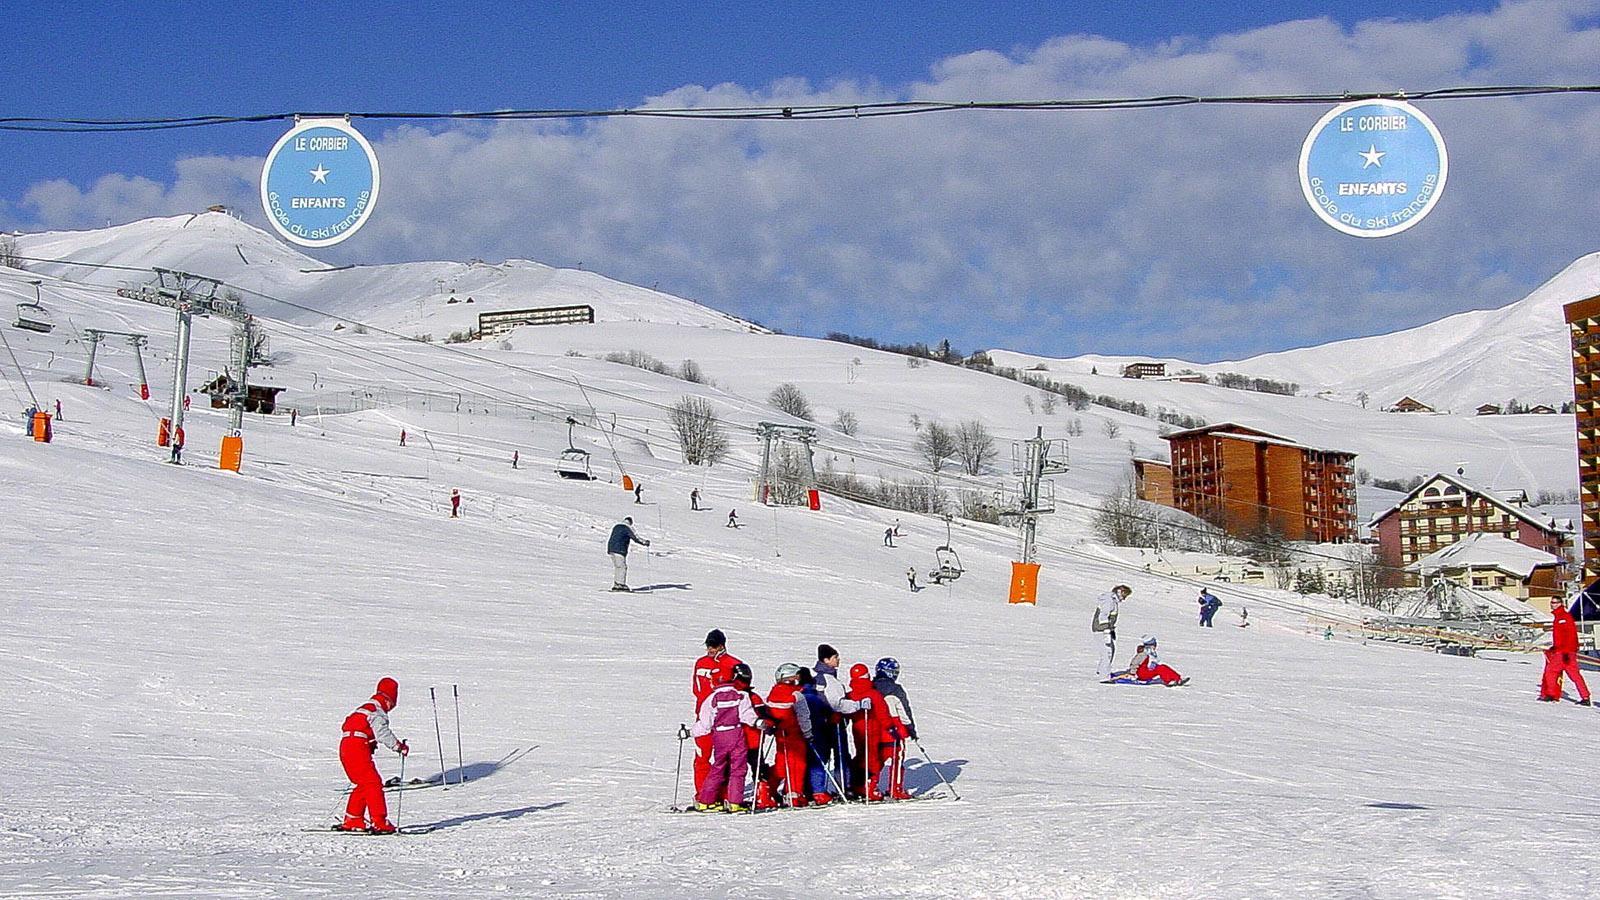 Les Sybelles: Le Corbier: Einteilungen für die Skischulklassen. Foto: Hilke Maunder